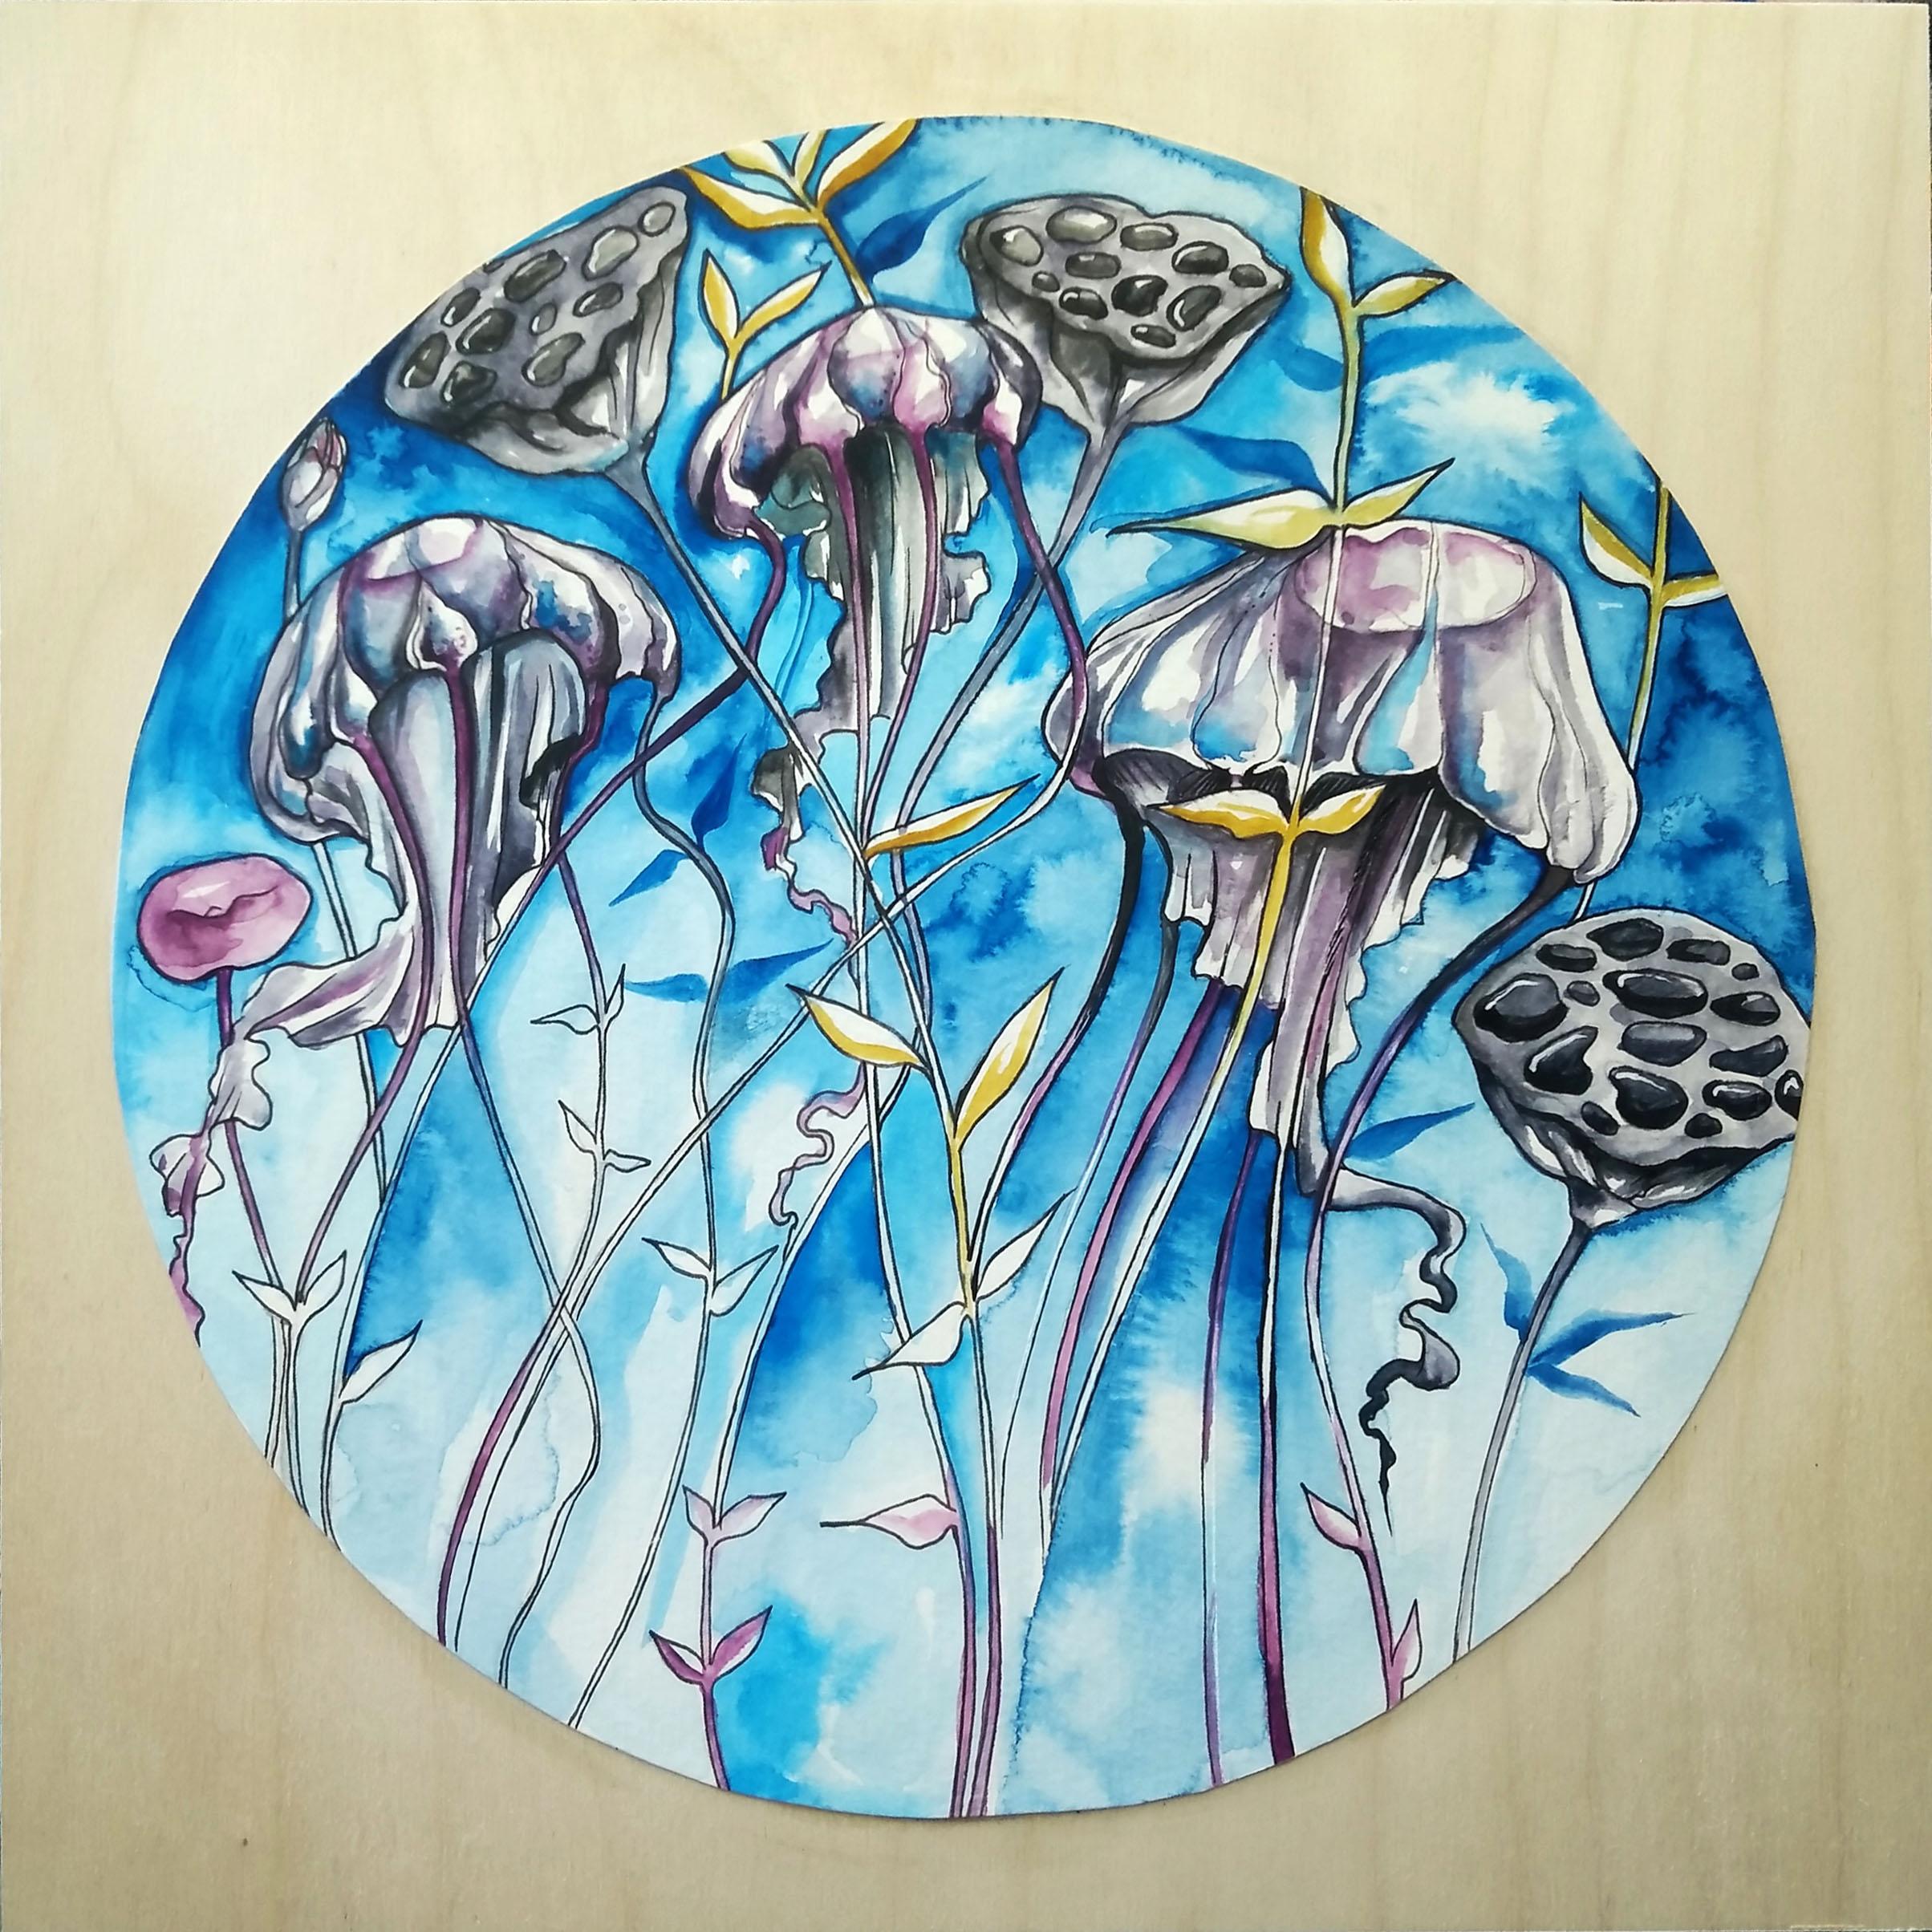 Jellyfish by Jessie Somers